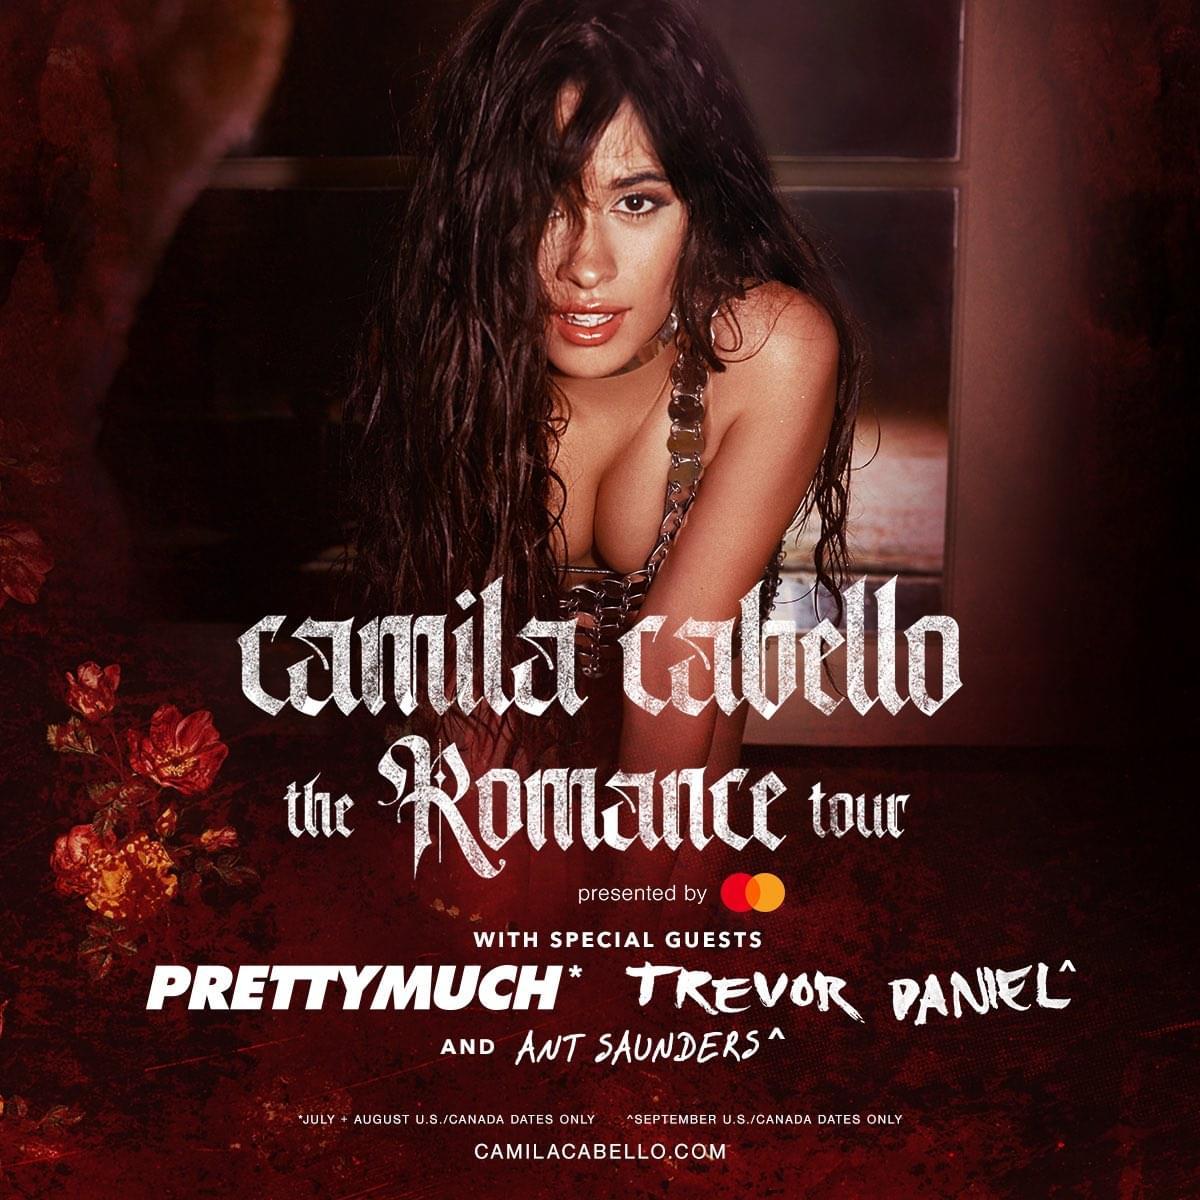 Camila Romance Tour